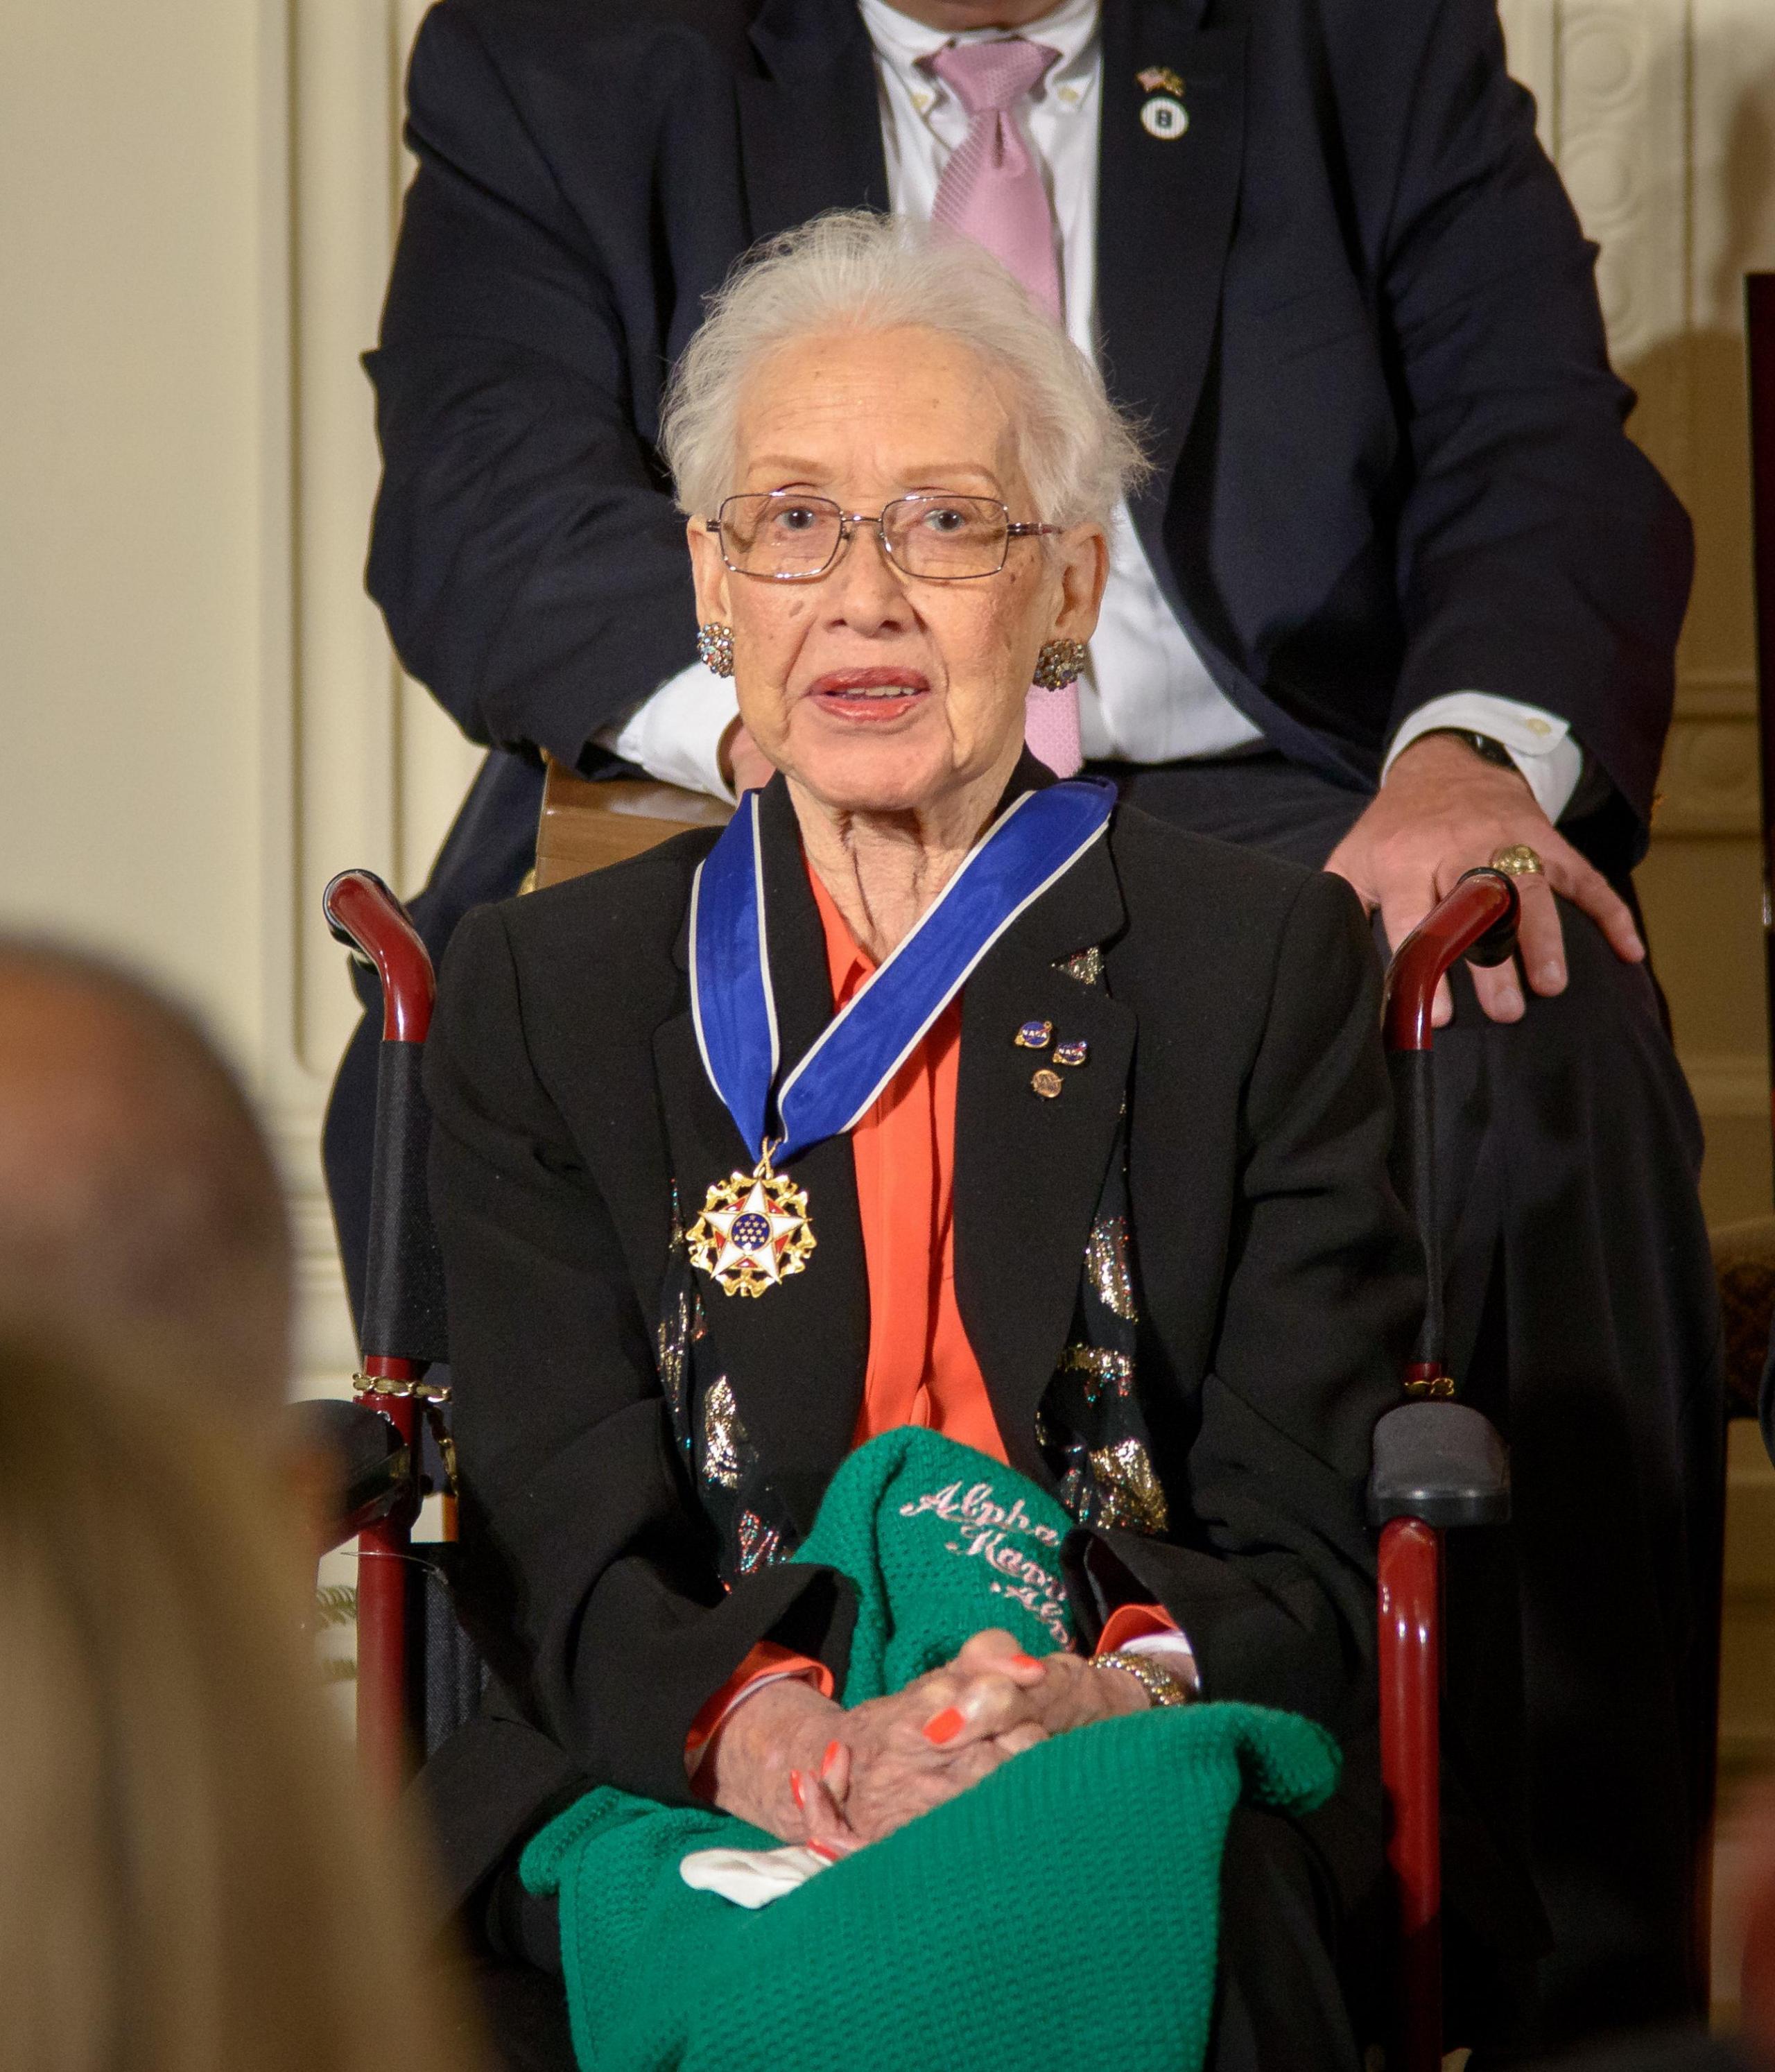 presidential medal.jpg